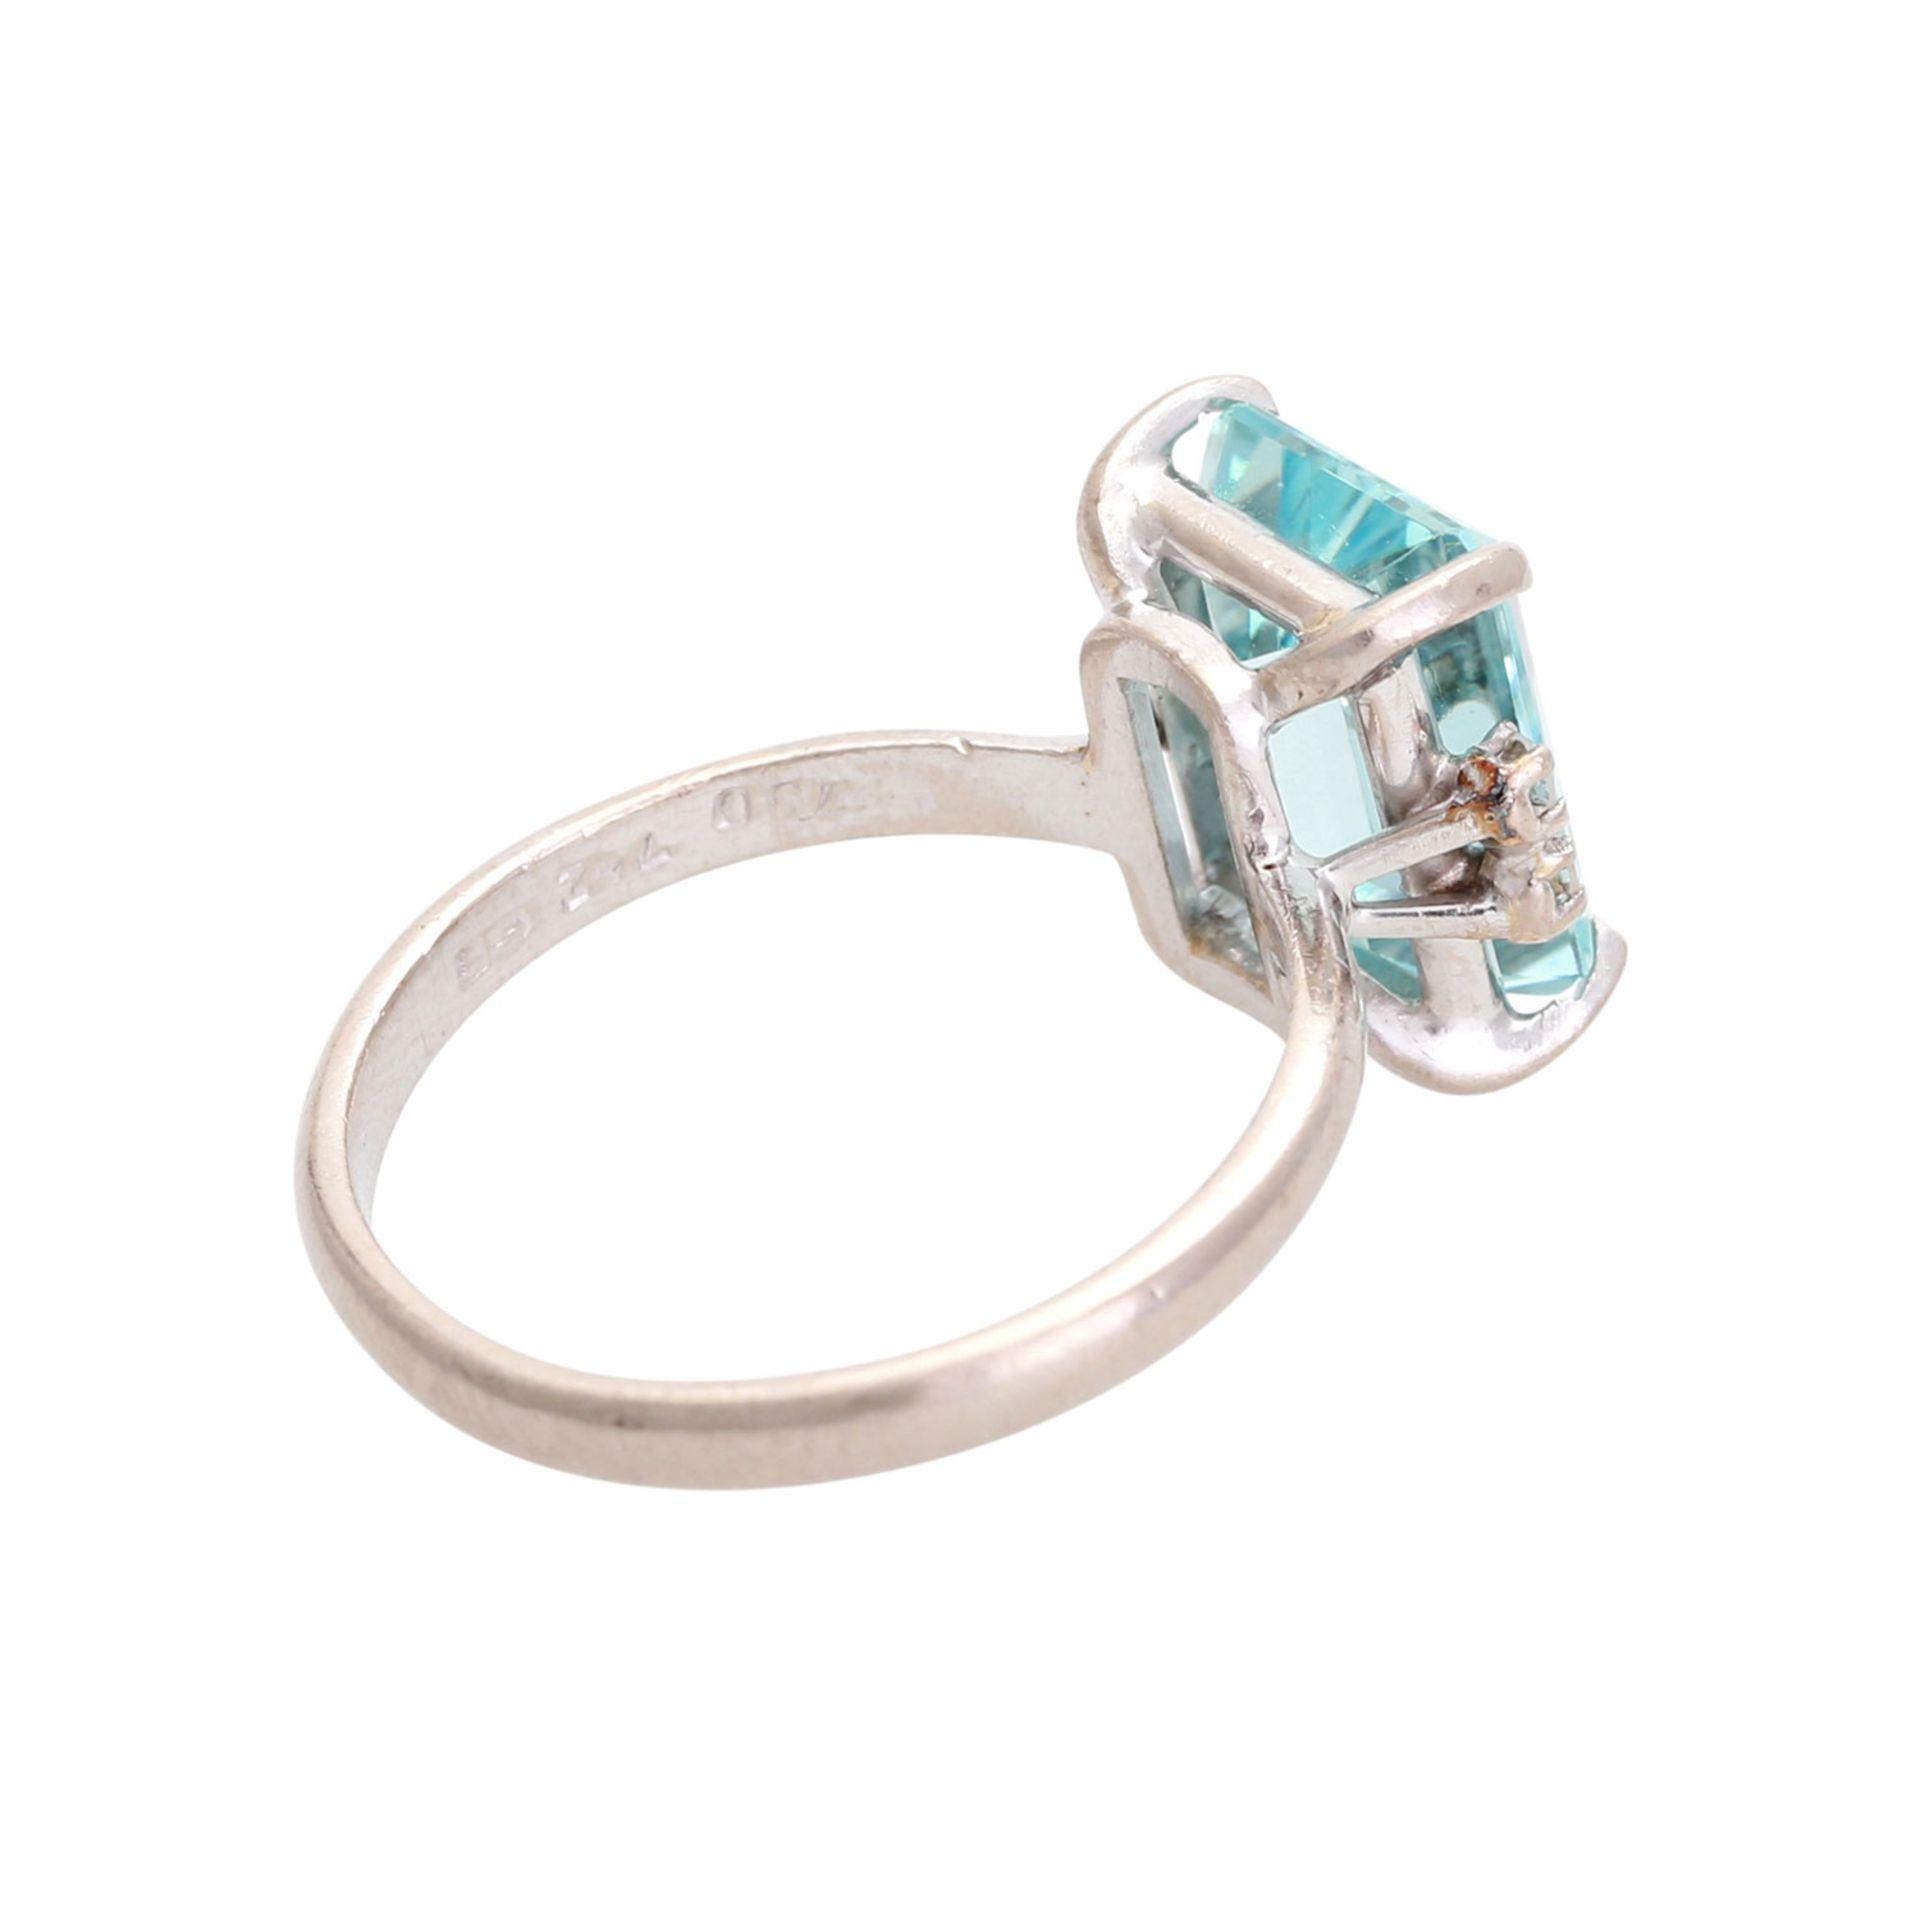 Los 105 - Ring mit Aquamarin im Treppenschliff, ca. 10,5 x 8 mm, seitl. mit je 2 kl. Steinen besetzt, WG